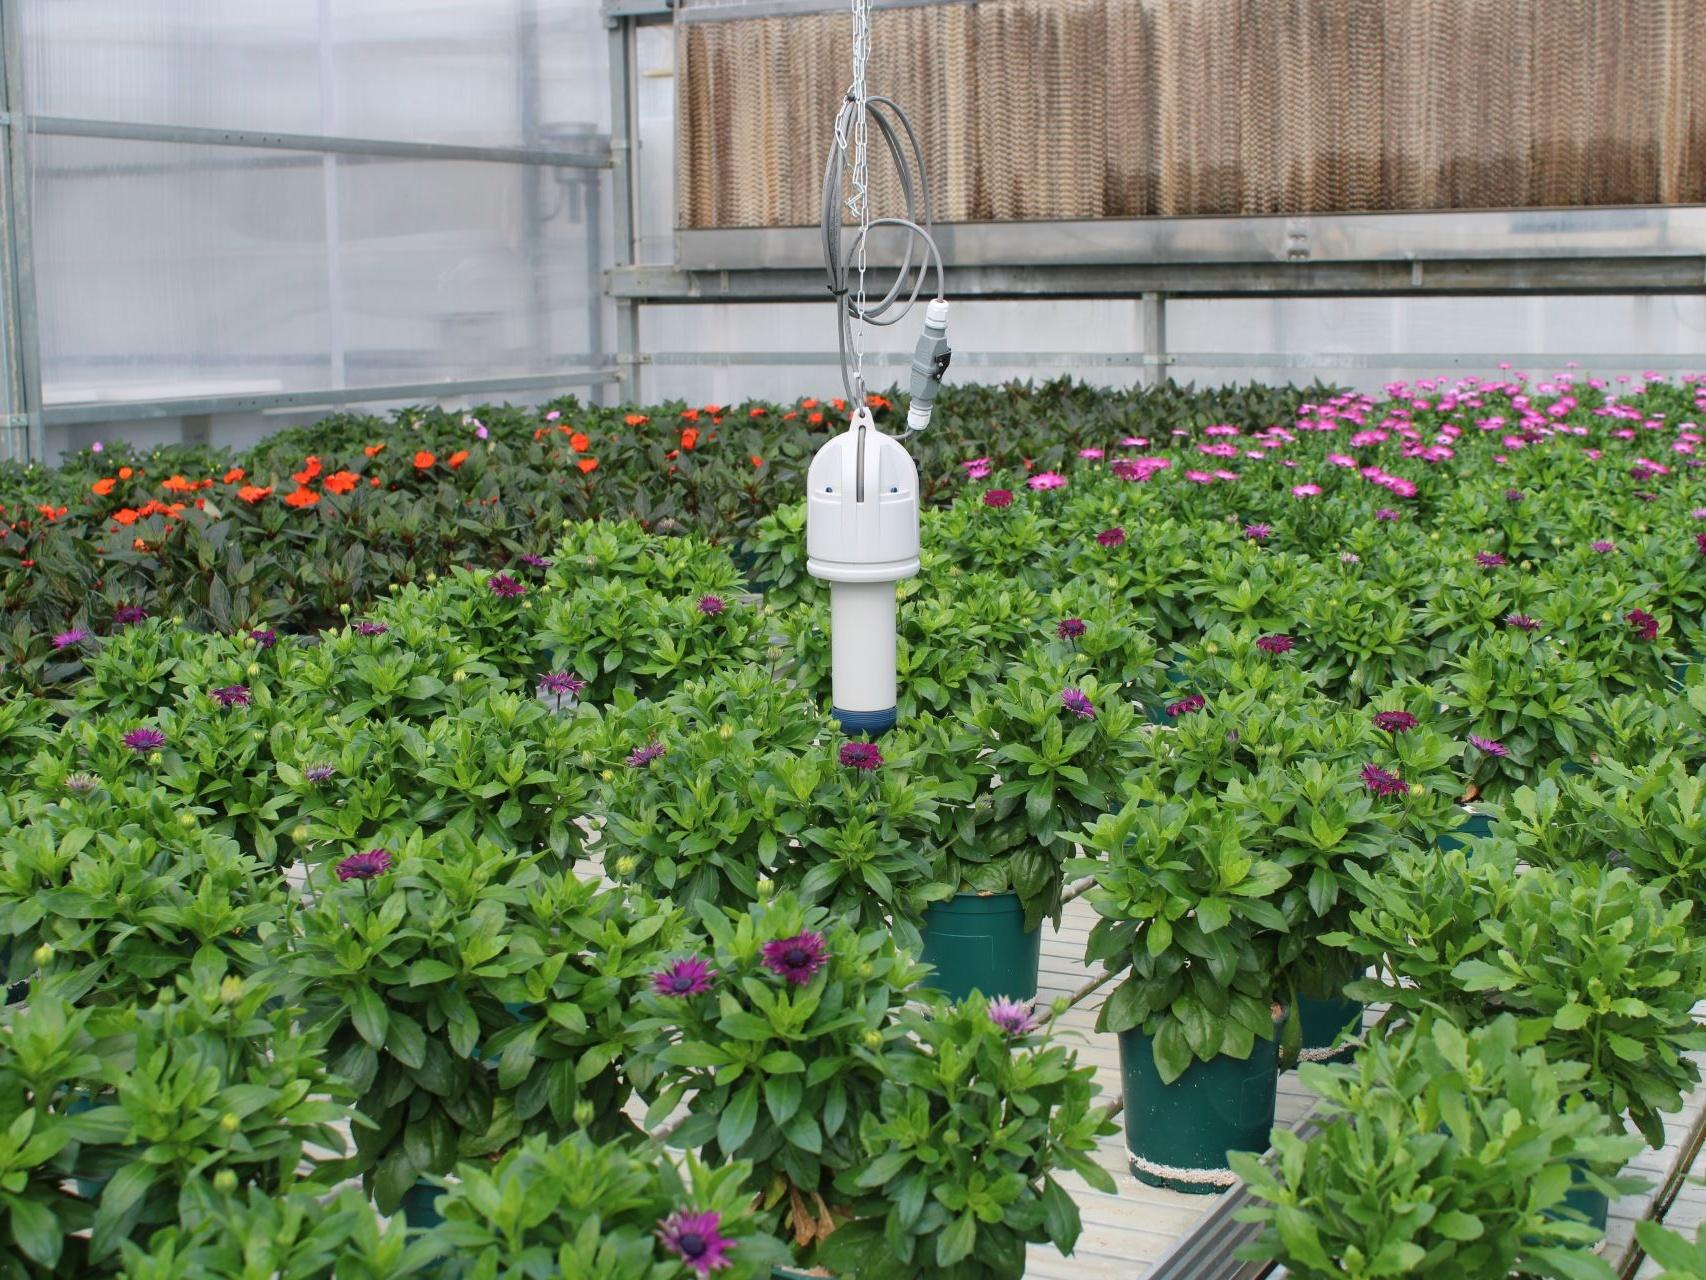 探访耐特菲姆滴灌和精准农业示范园区